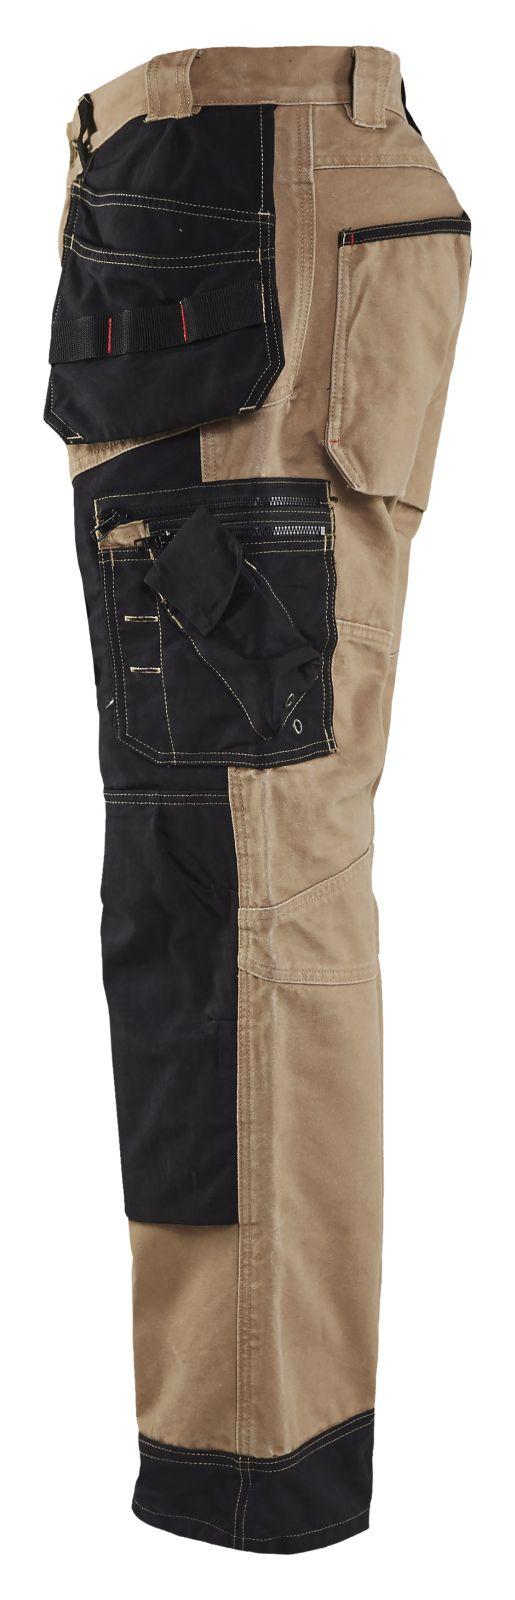 Blaklader Broeken 15001320 khaki-zwart(2899)